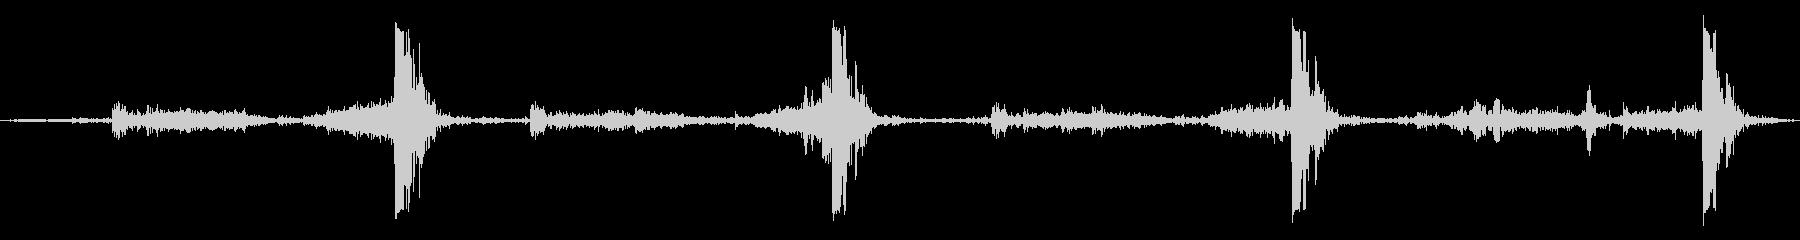 ふすまを閉める音(強めに)の未再生の波形